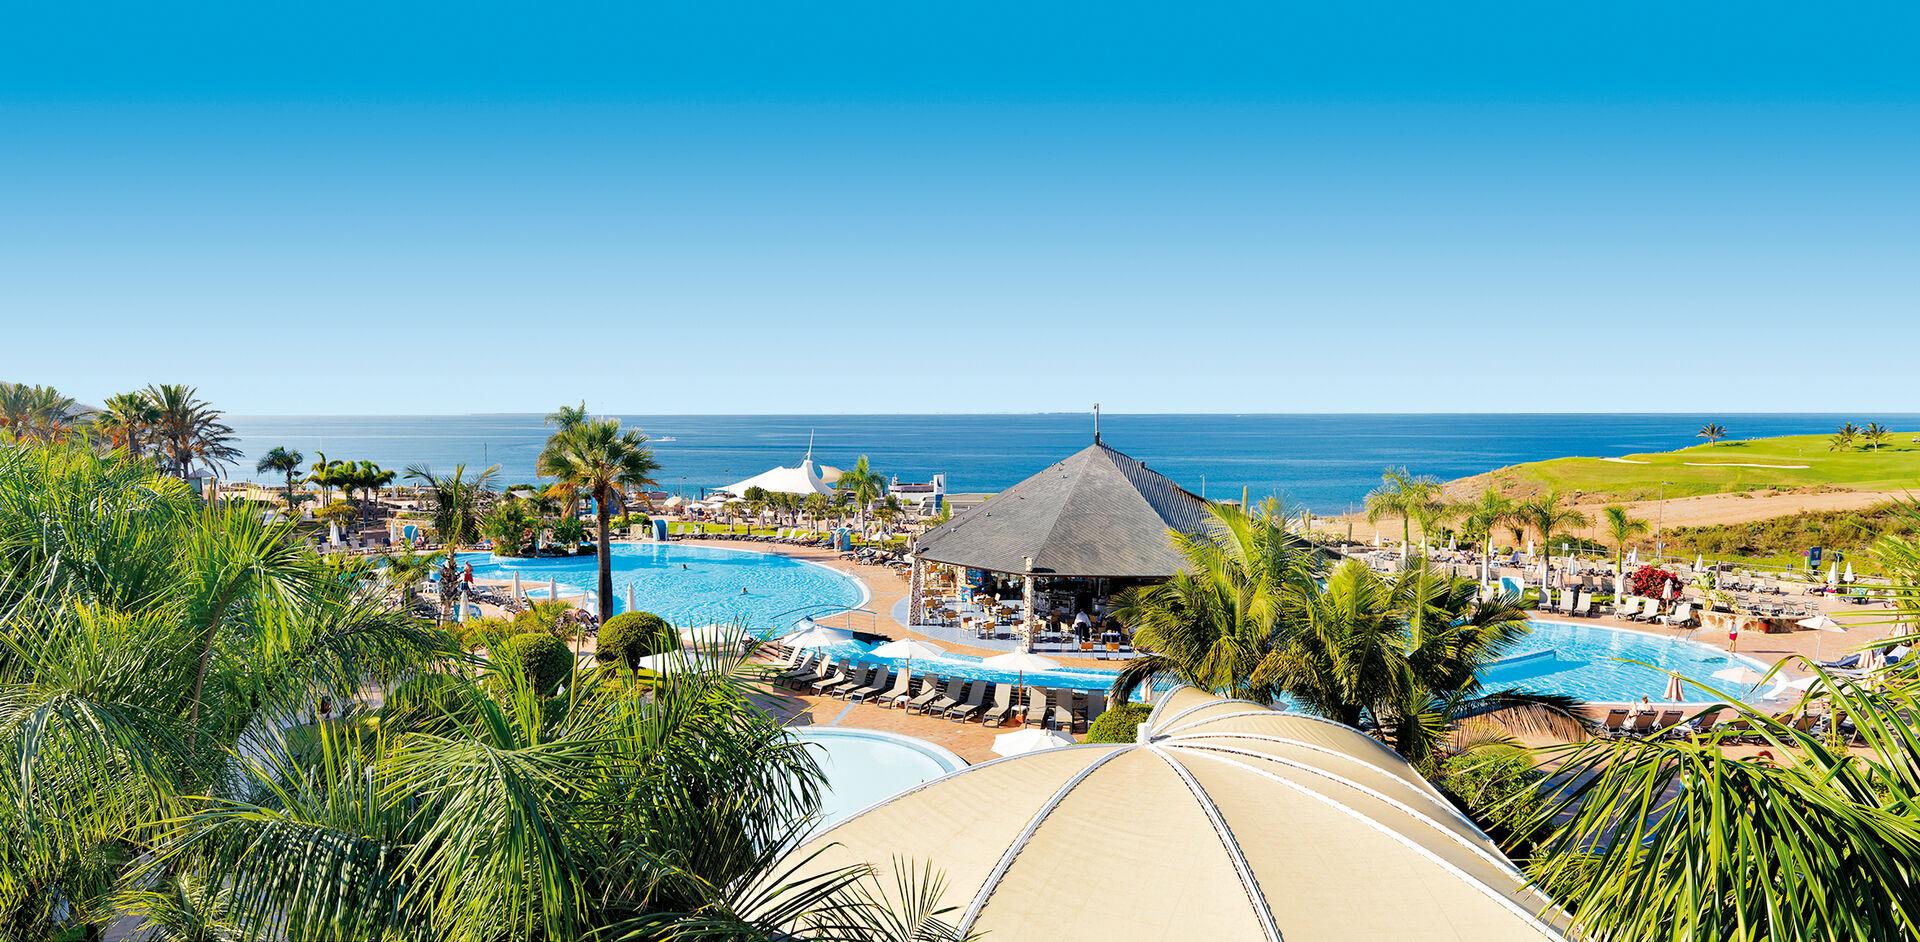 Séjour Las Palmas - Hôtel H10 Playa Meloneras Palace - 5*